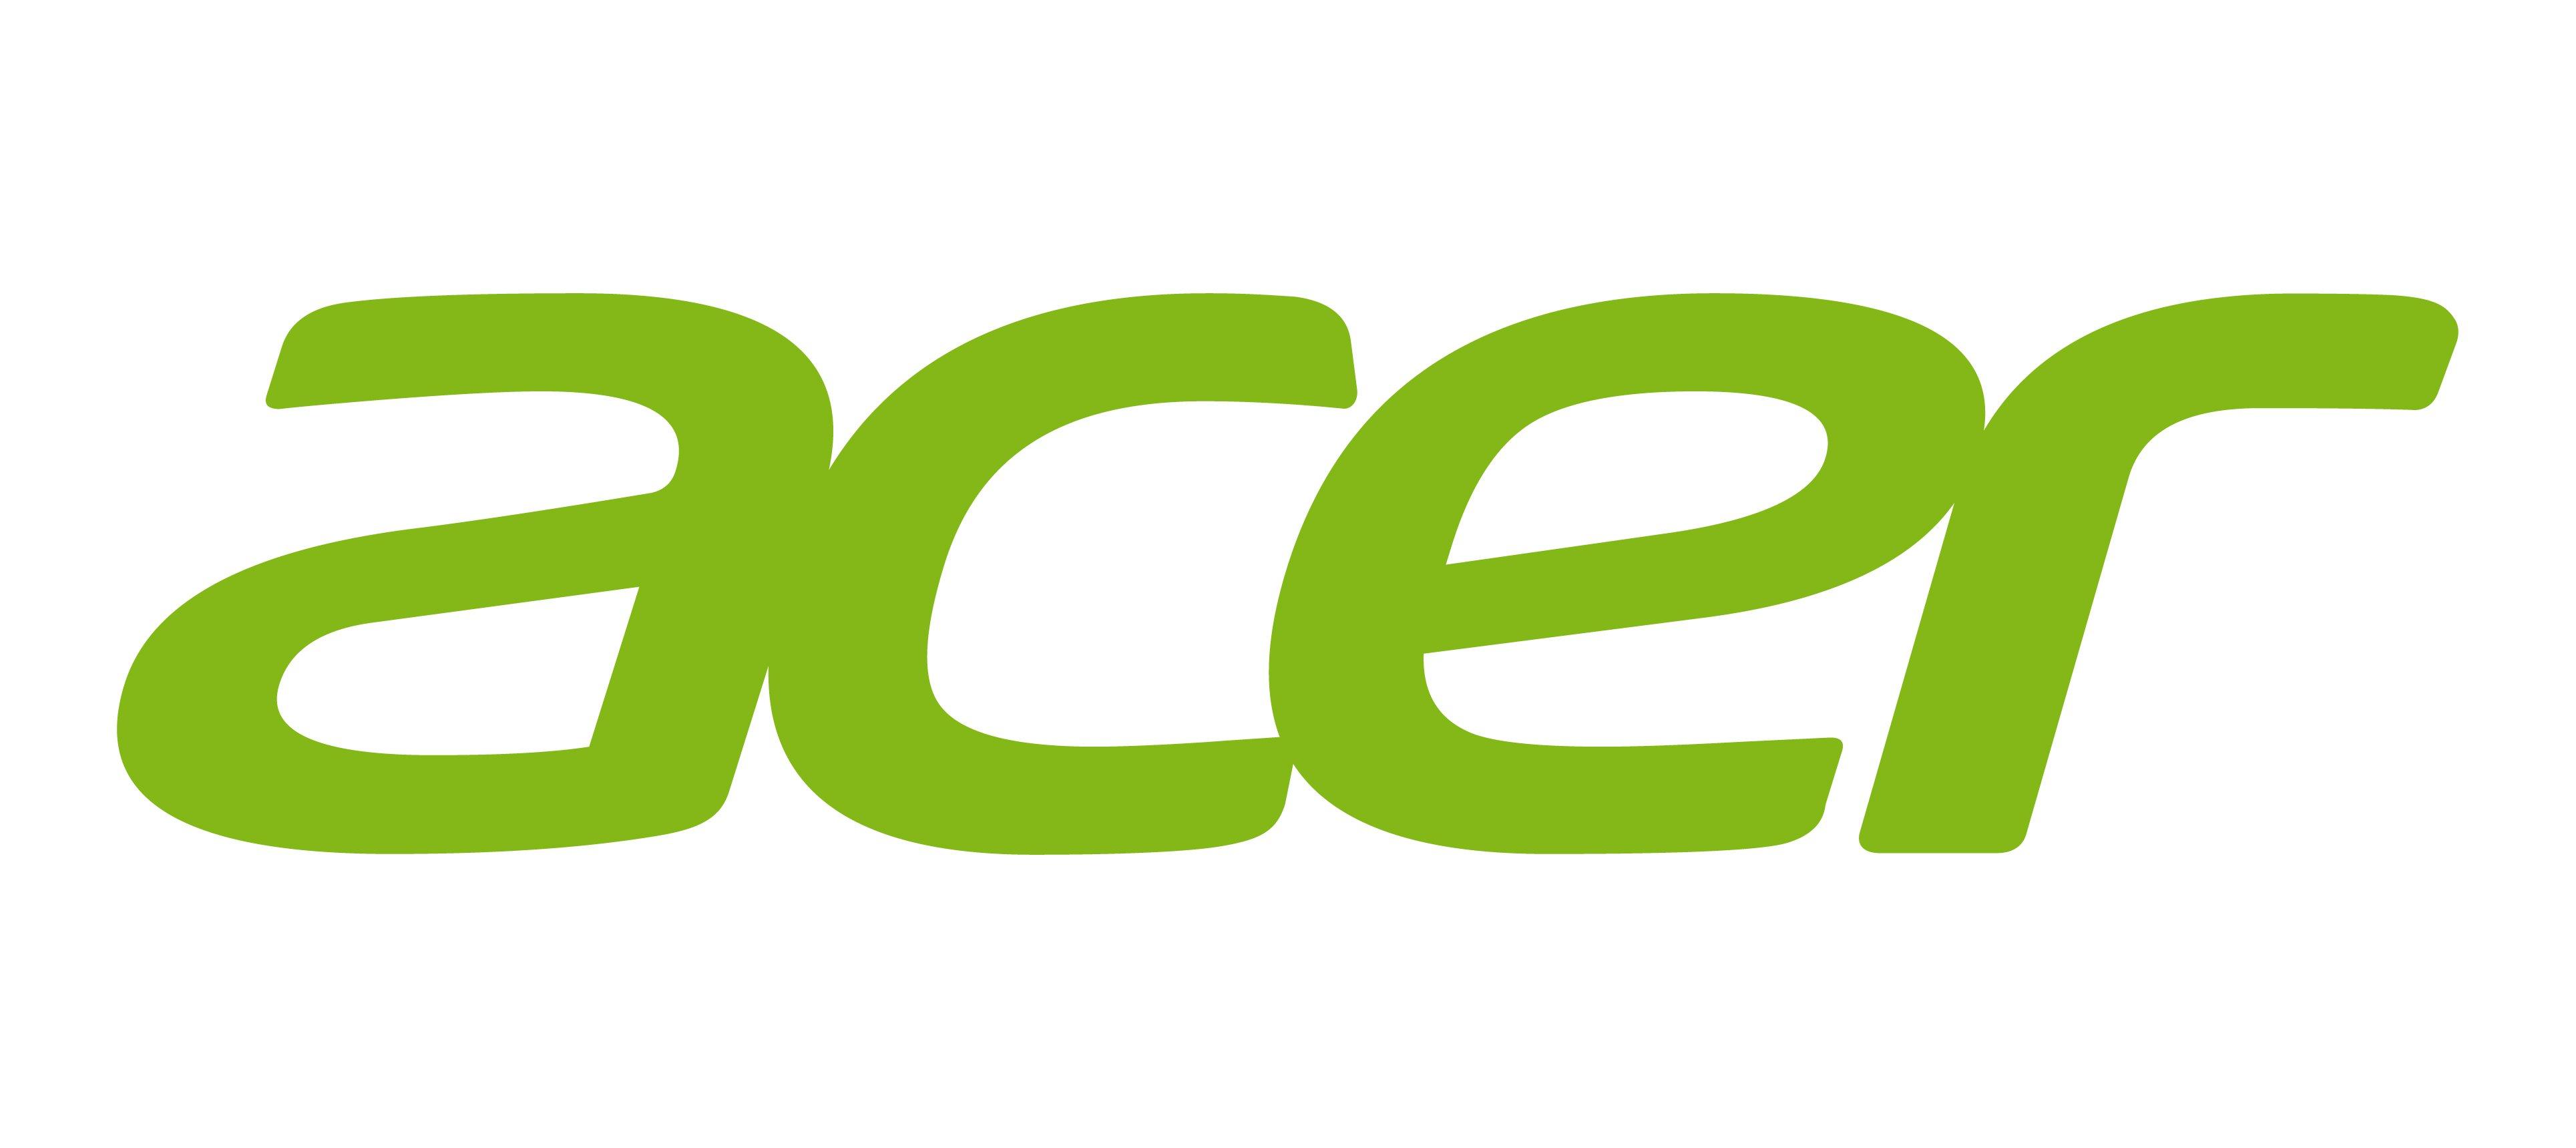 Acer-New-logo1